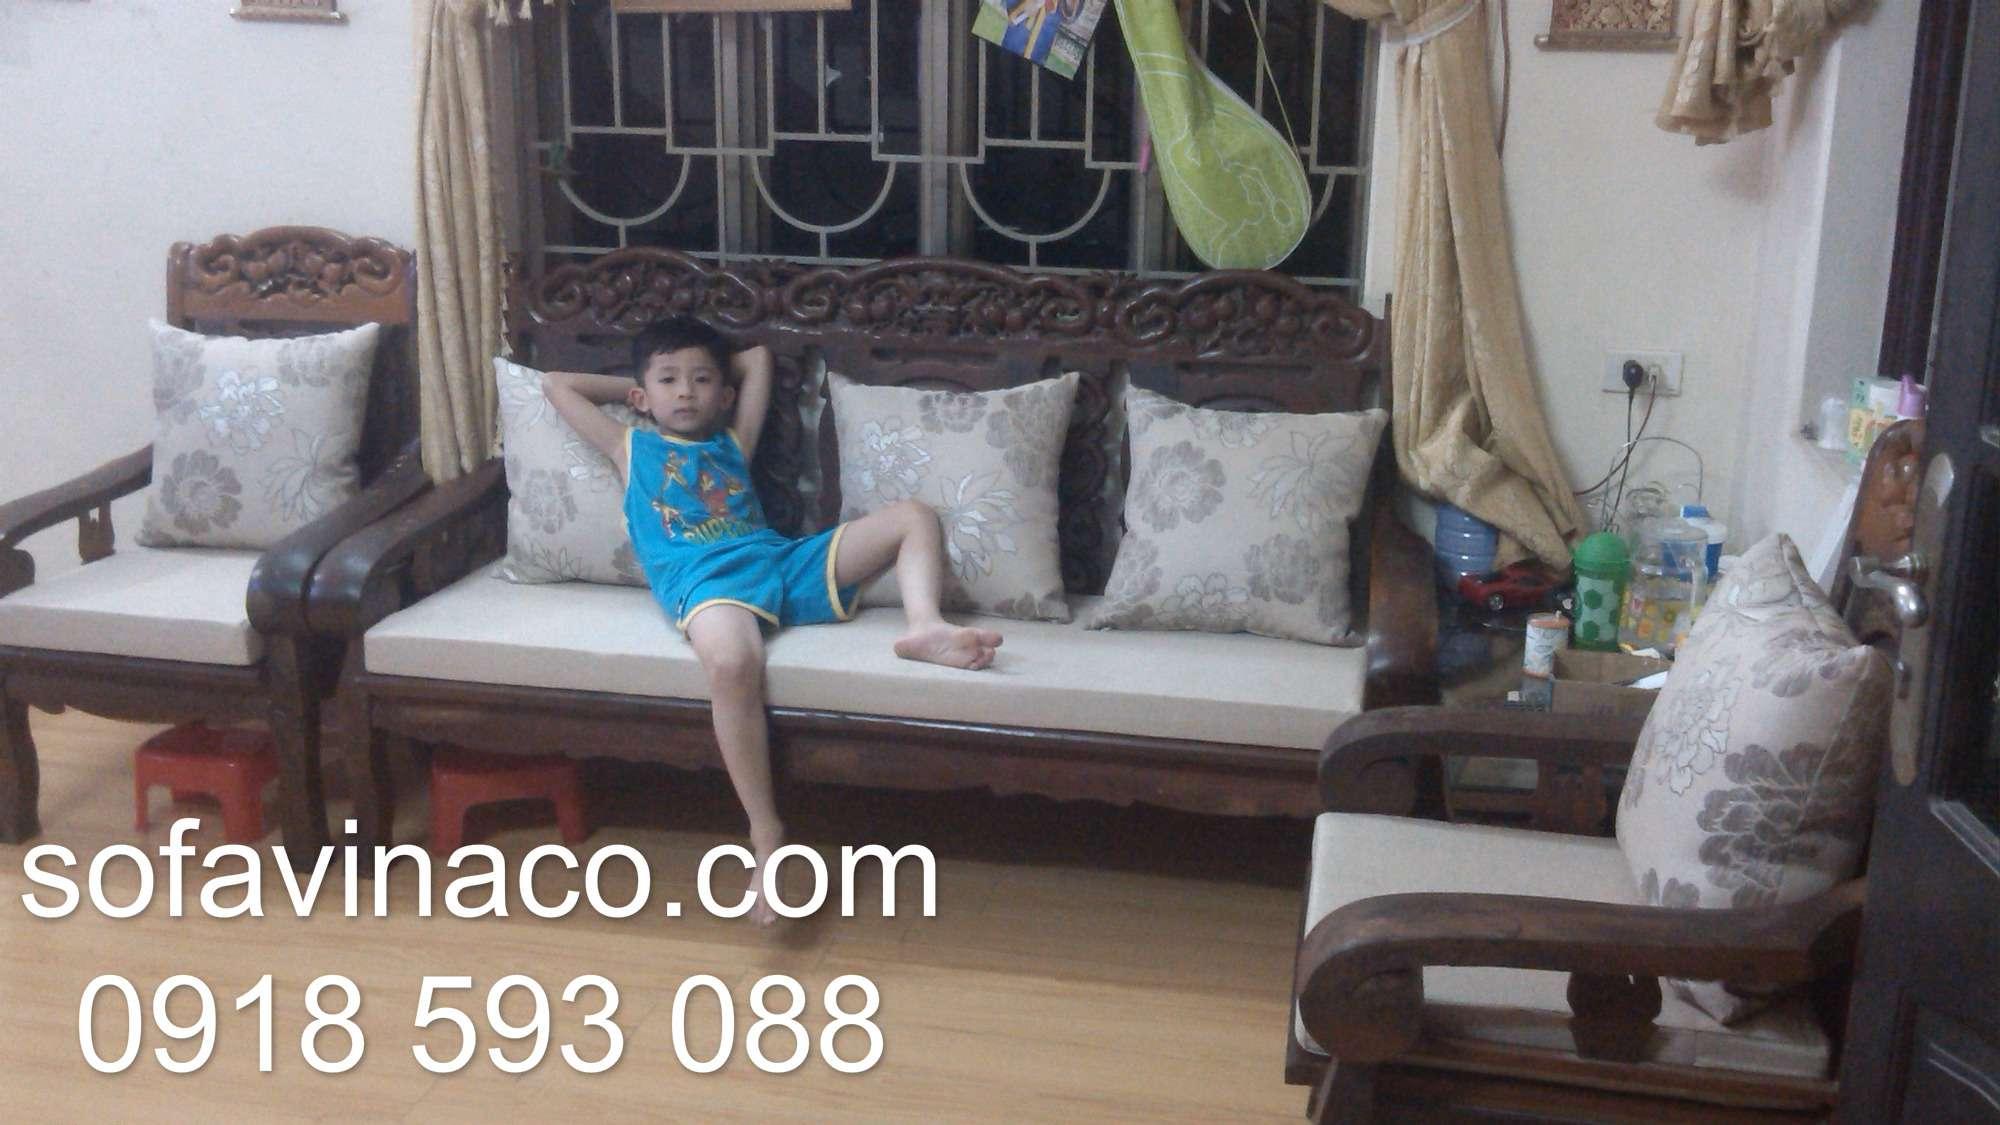 Bọc đệm ghế sofa nhà chị Dung- Kim chung - Hoài Đức